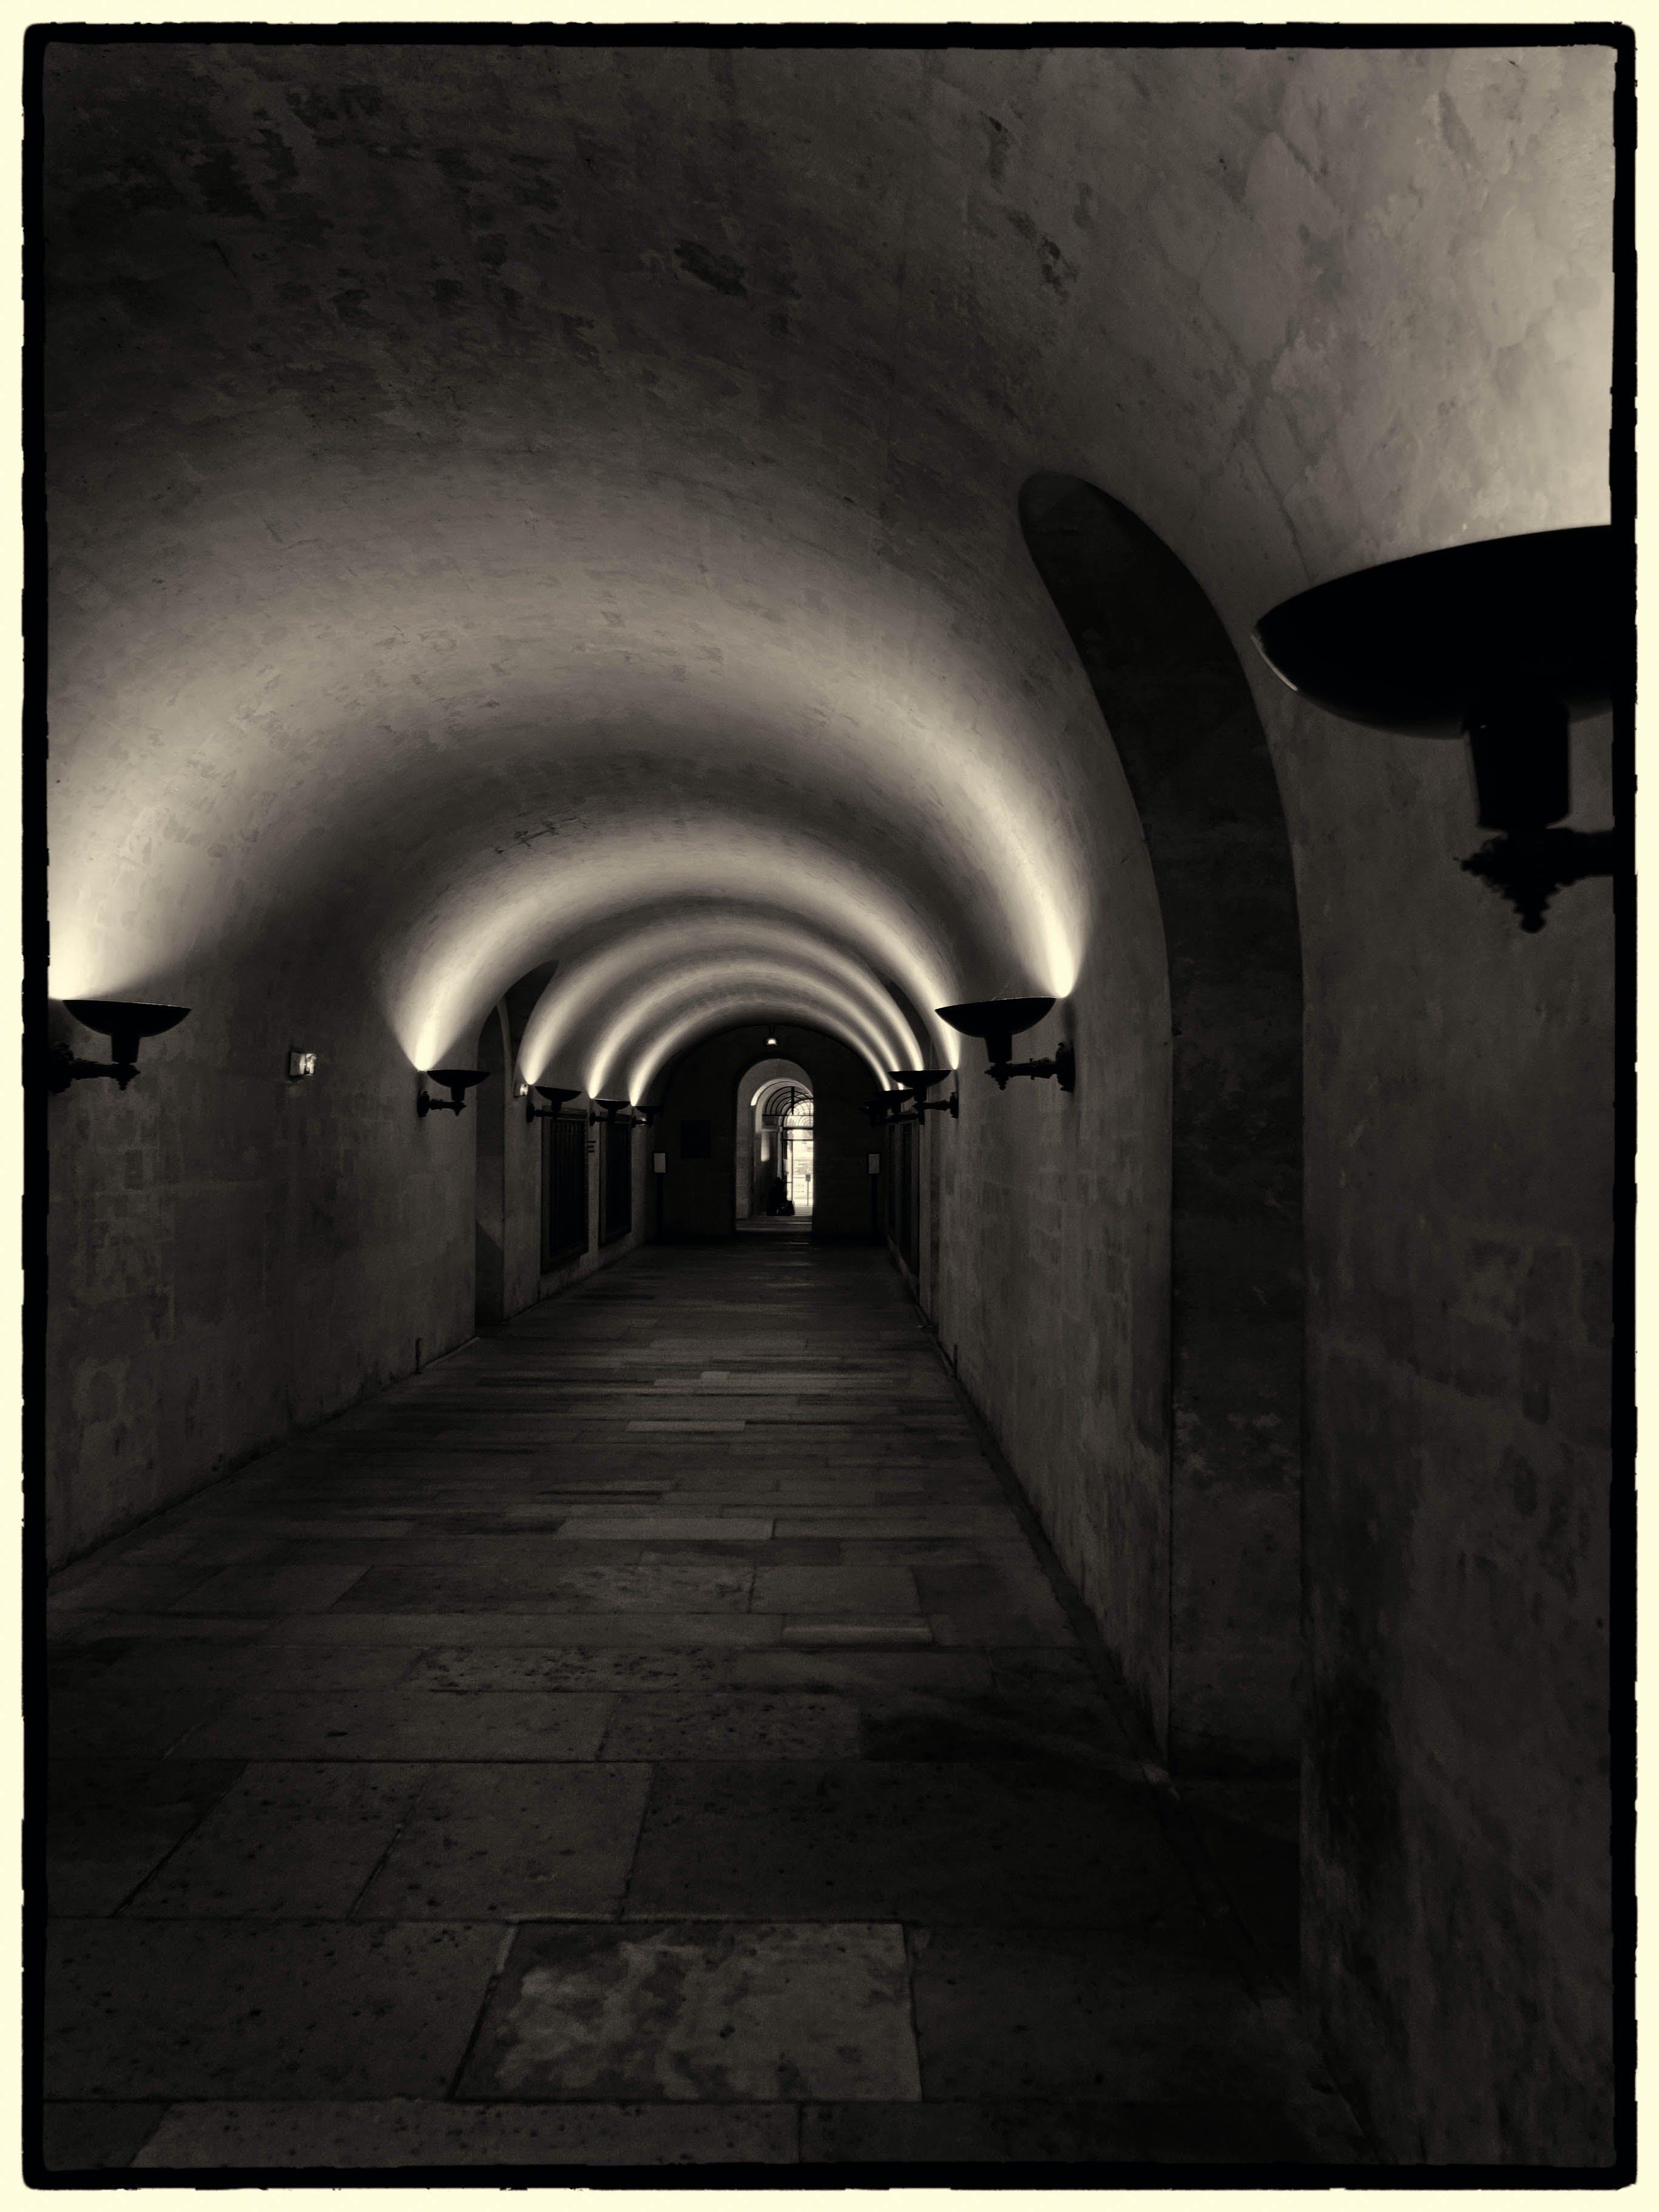 Gratis stockfoto met architectuur, boog, donker, doorgang